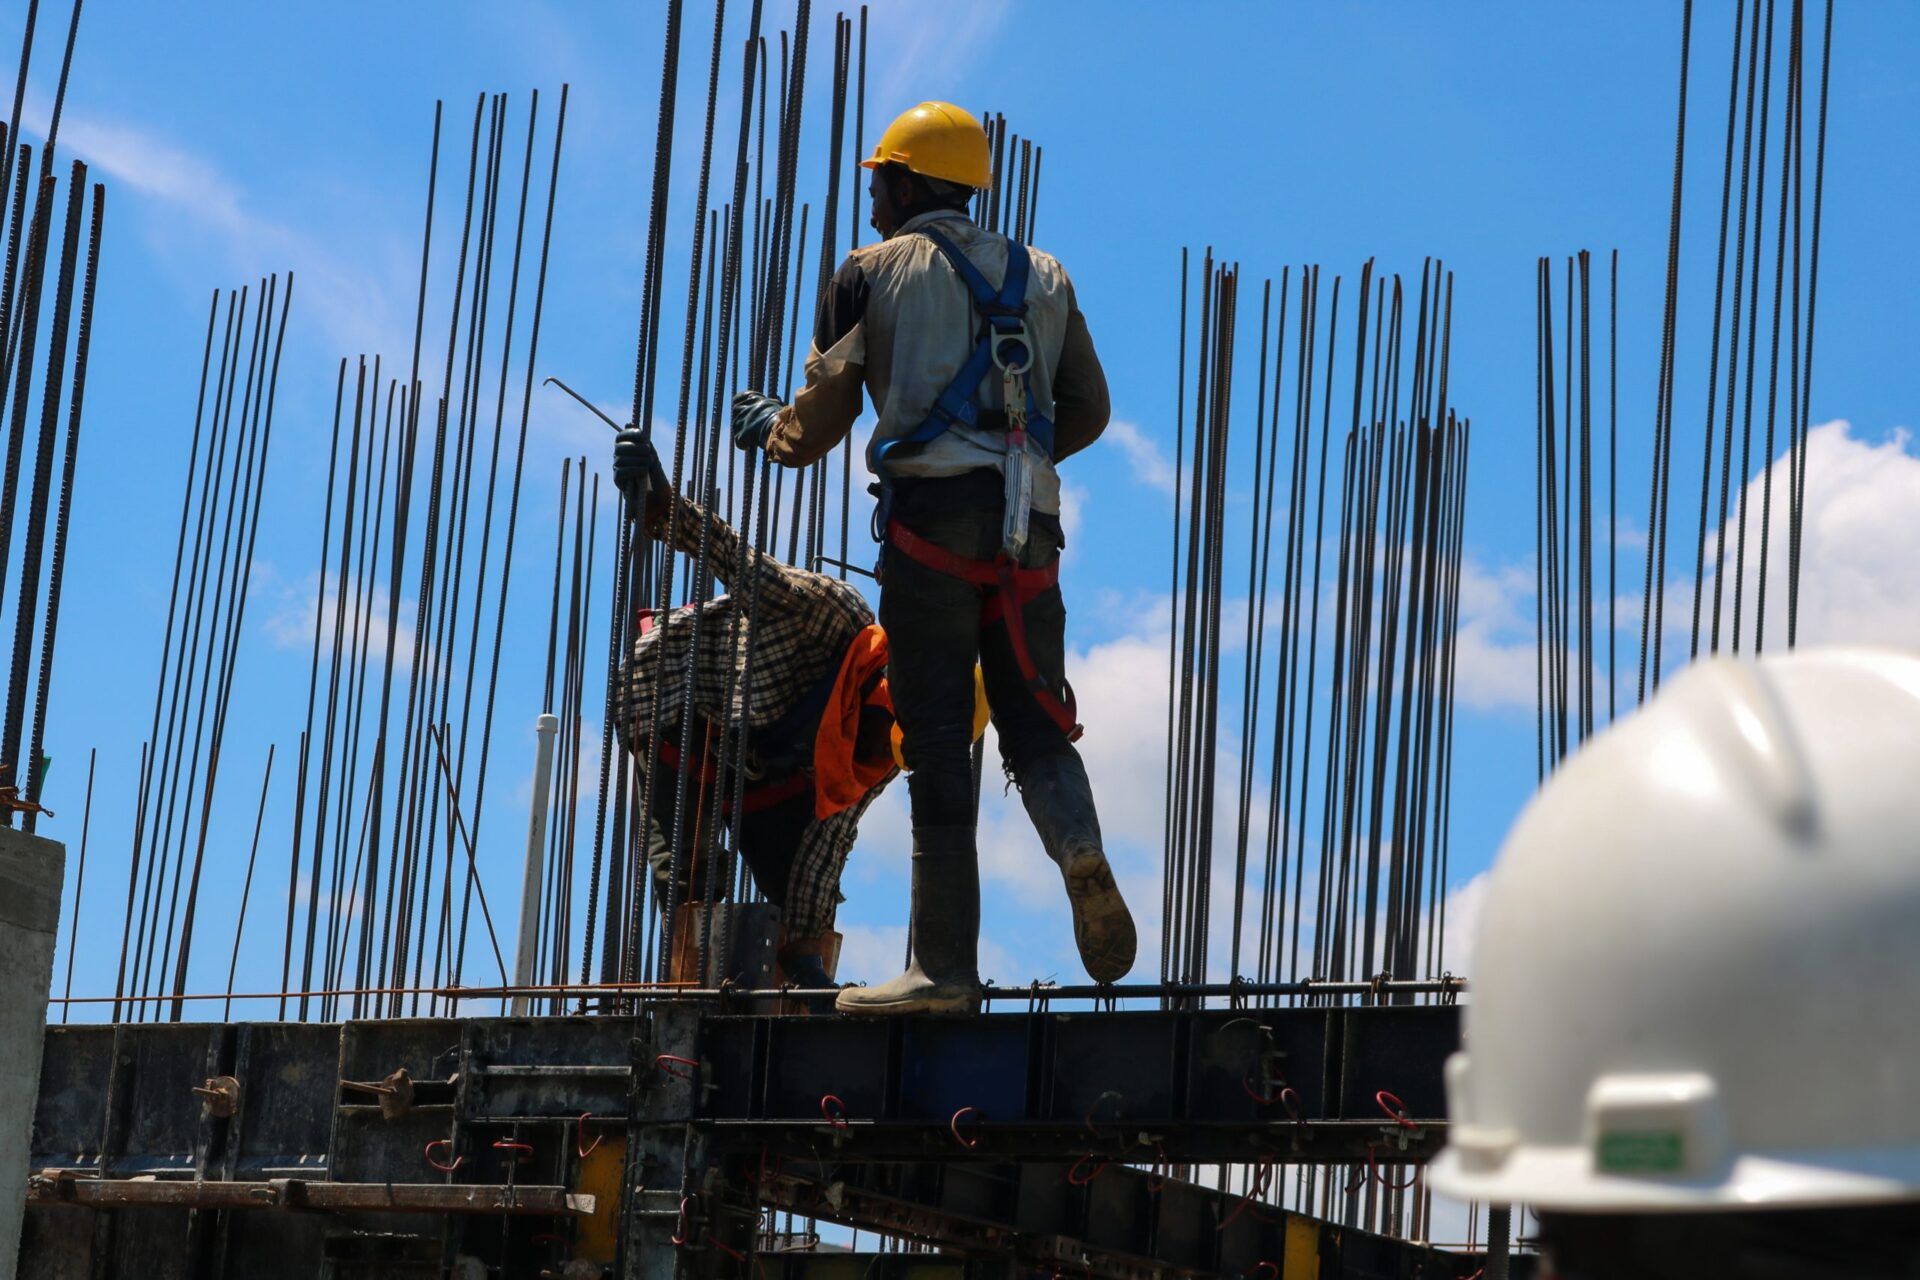 建設業はやめとけと言われる3つの理由【解決策も紹介】